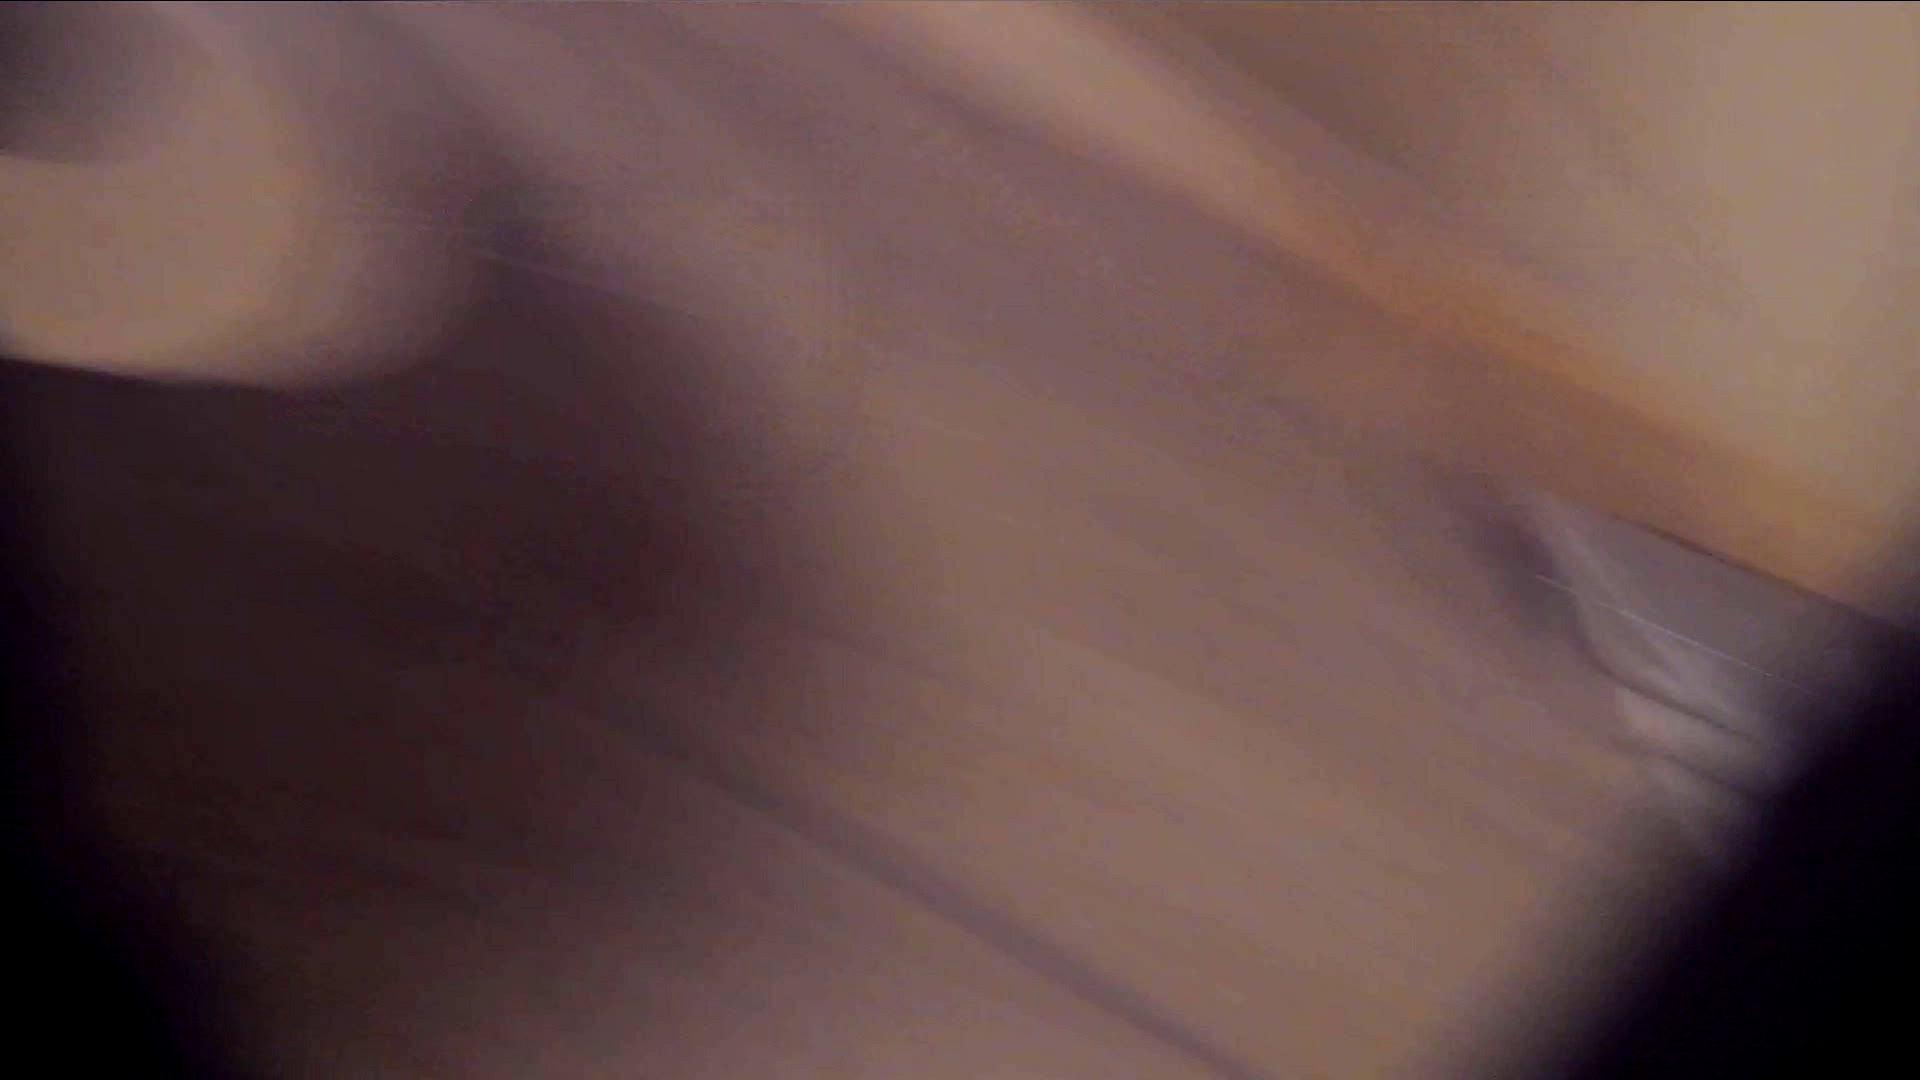 阿国ちゃんの「和式洋式七変化」No.7 和式 | 洗面所  66pic 23